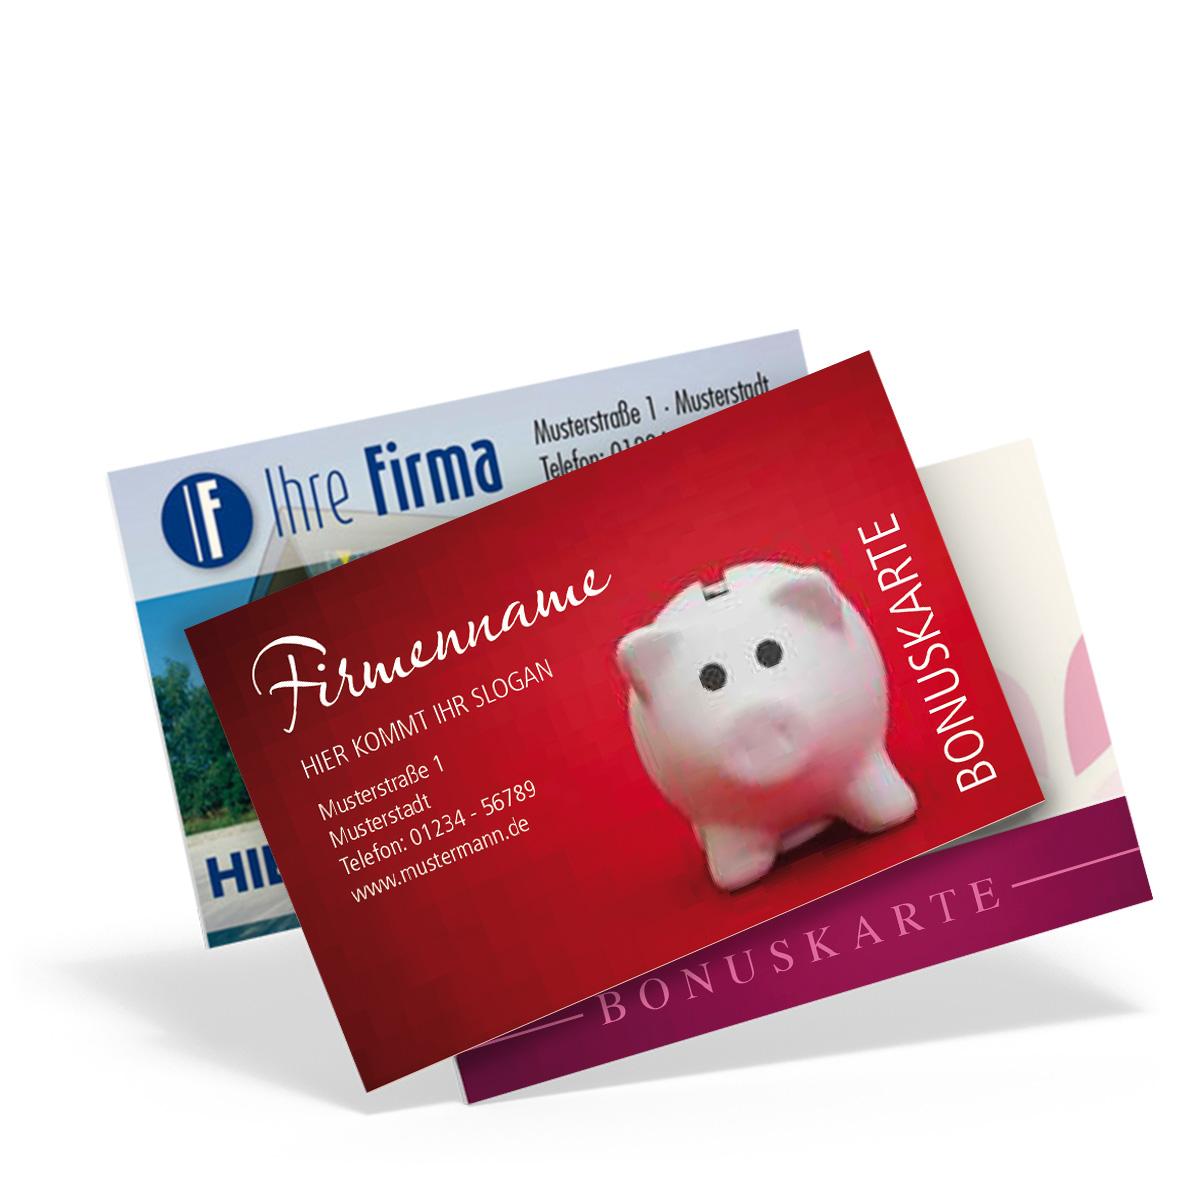 Pythagoras Marketing Gmbh Bonuskarte 2 Seitig Und Individuell Geschenkgutscheine Visitenkarten Kundenkarten Und Weitere Treuesysteme